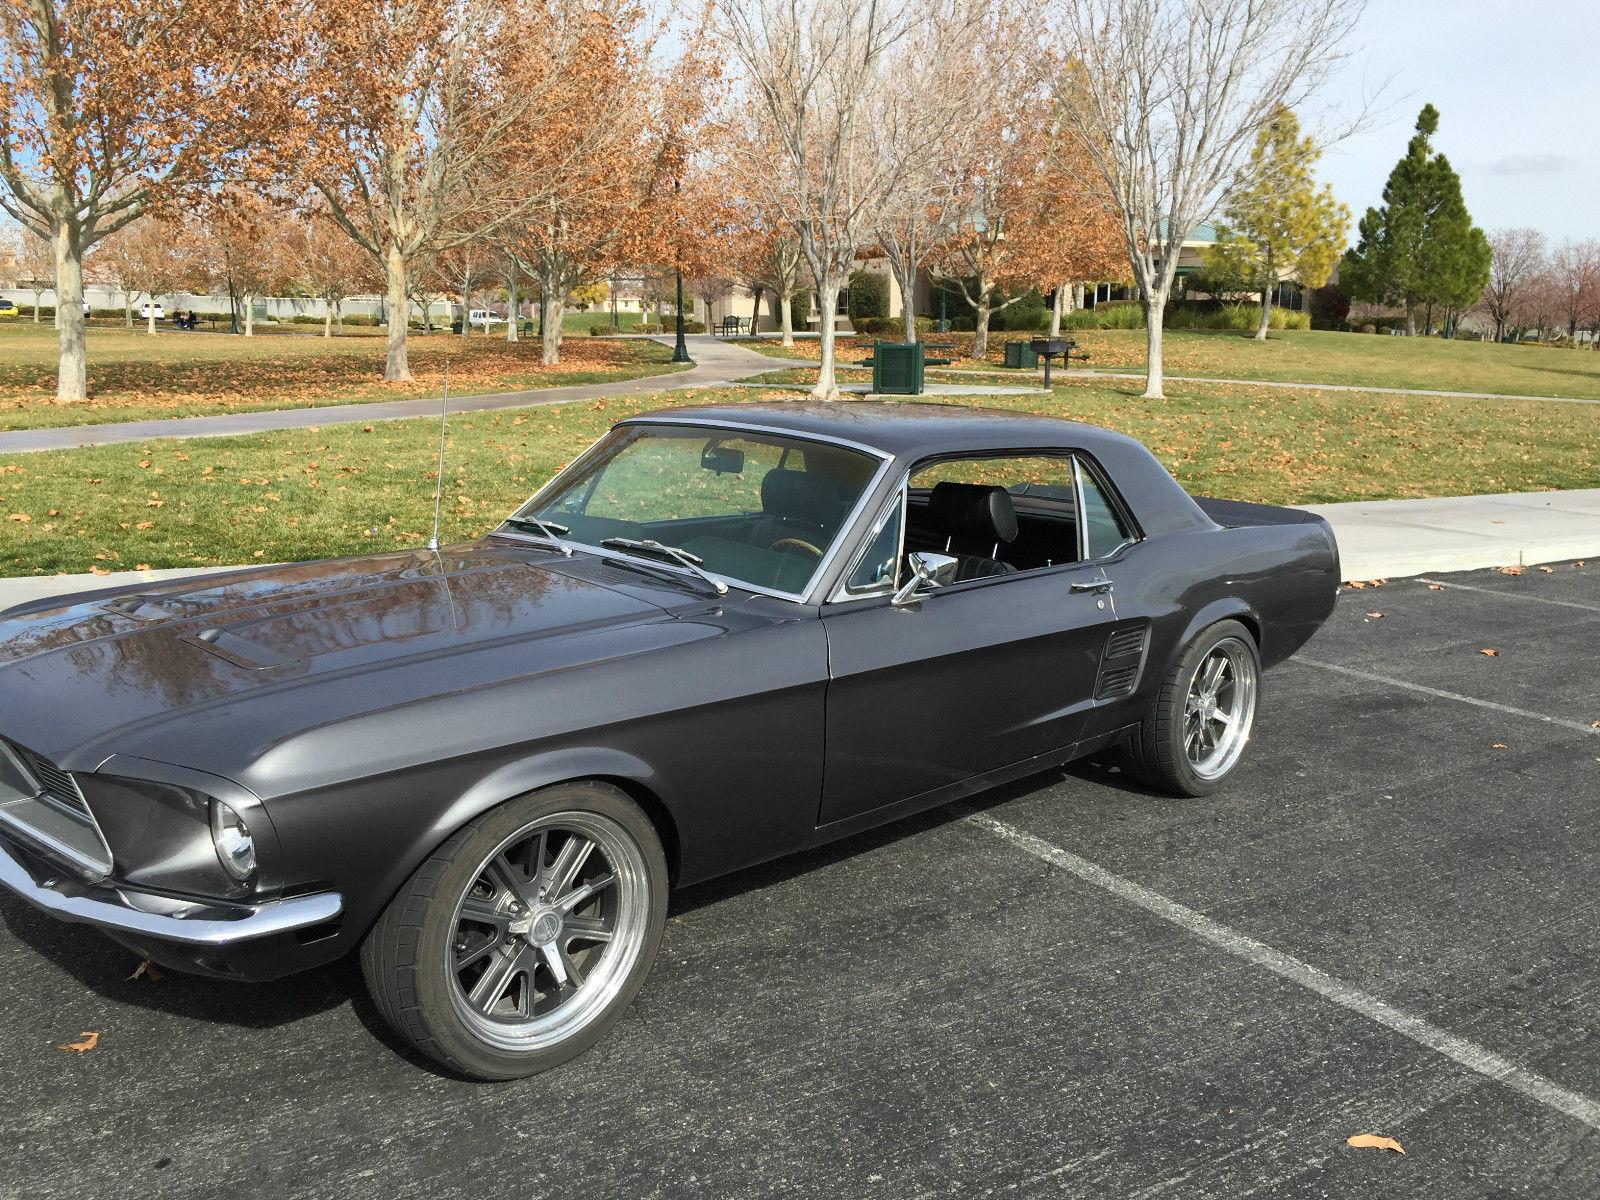 1967 ford mustang coupe restomod w hi pro 289 rack. Black Bedroom Furniture Sets. Home Design Ideas